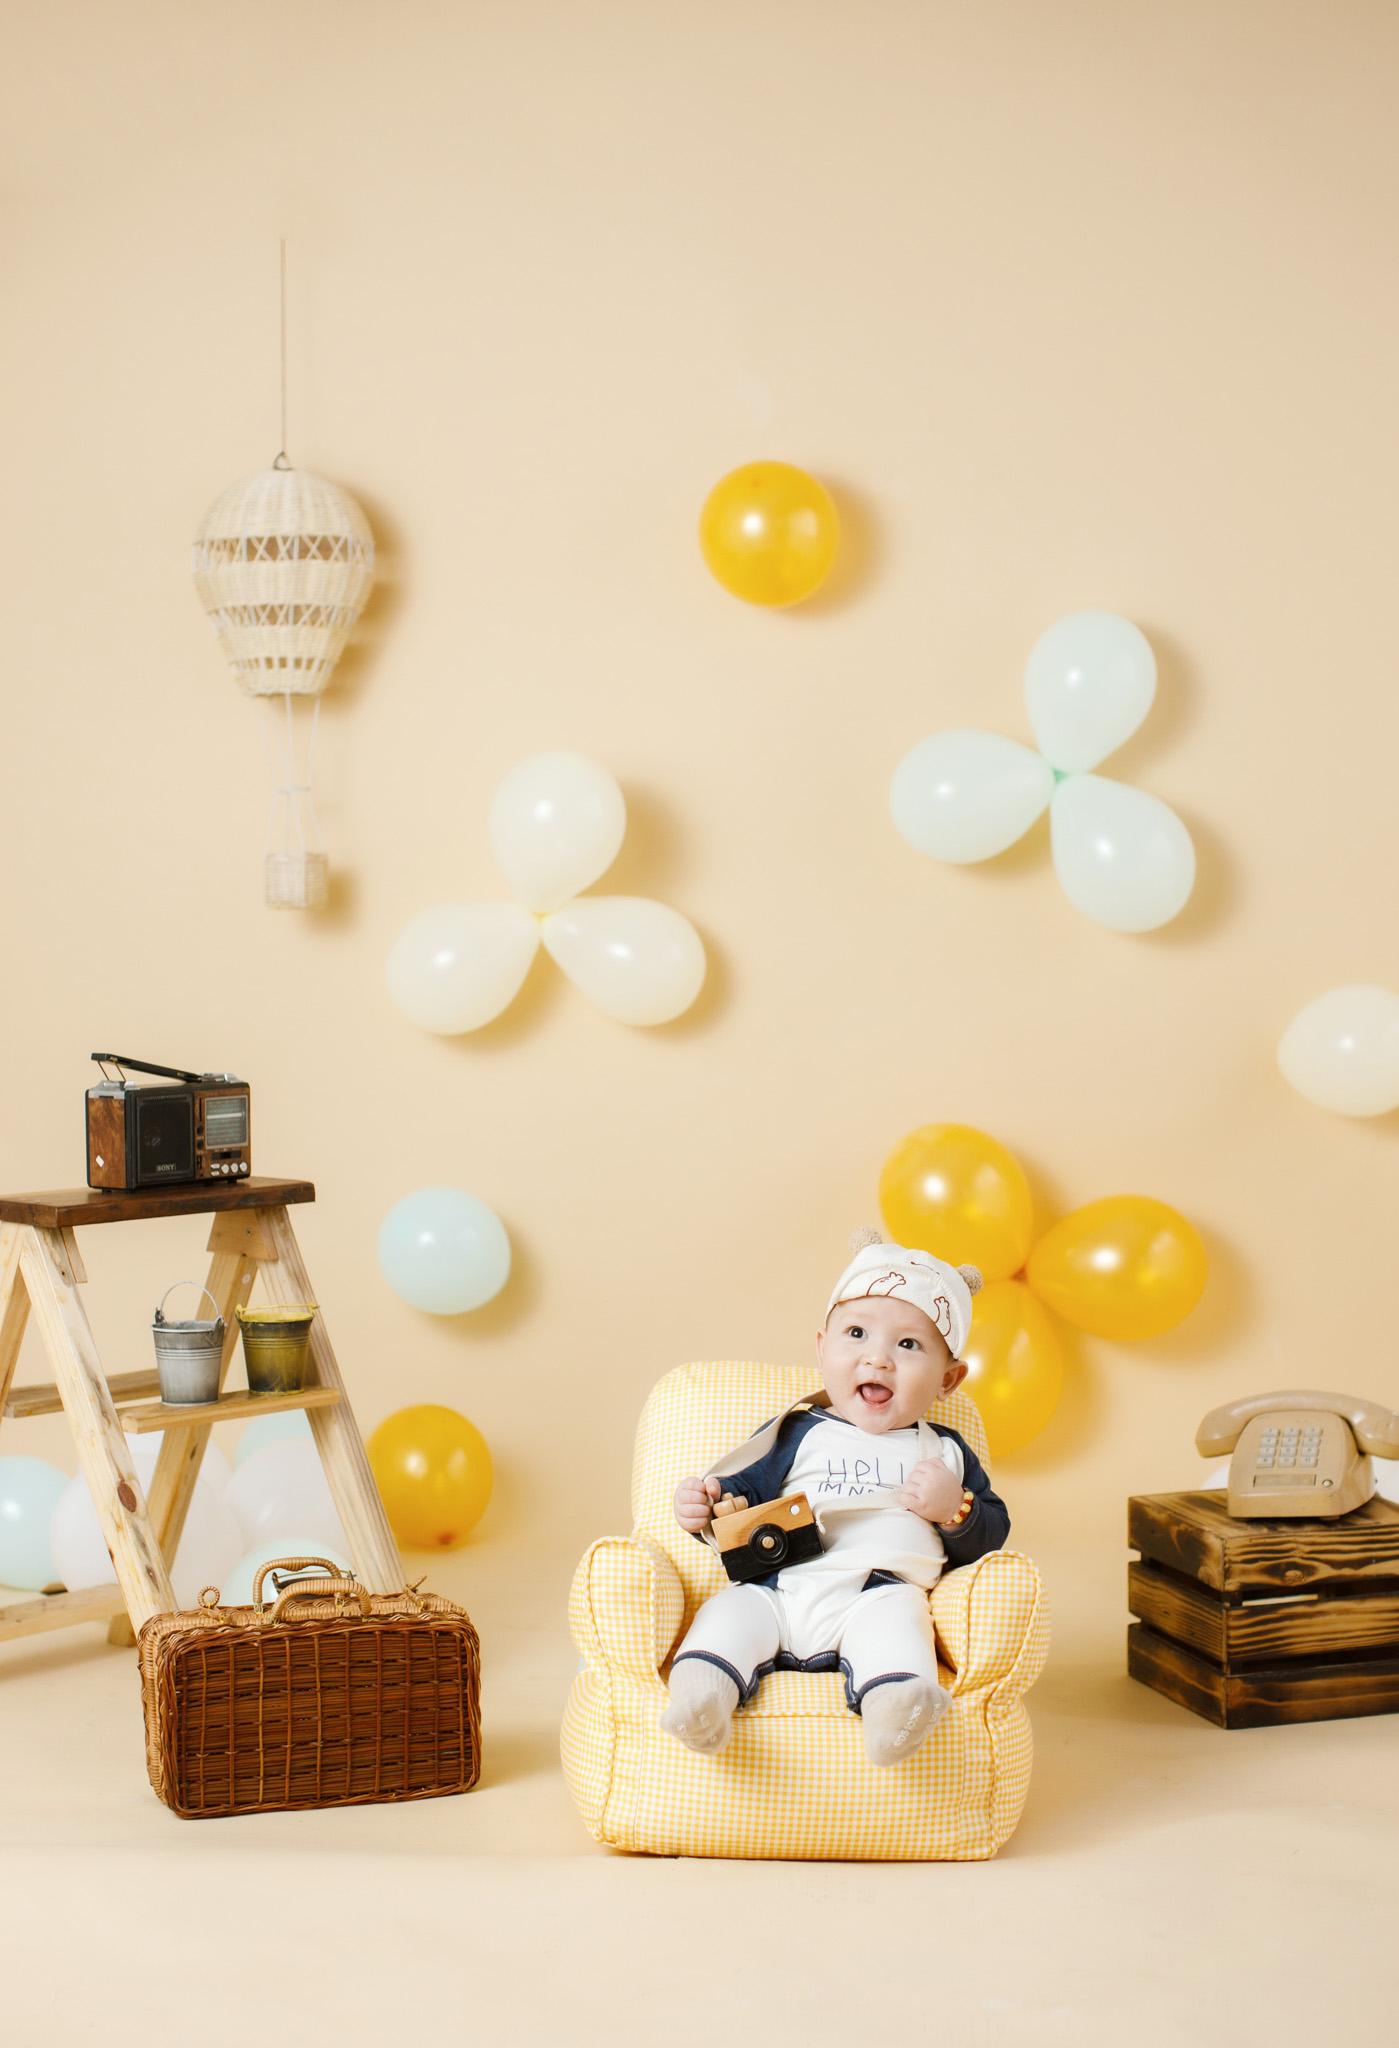 Studio chụp ảnh cho bé ở Nha Trang - Xoài Baby